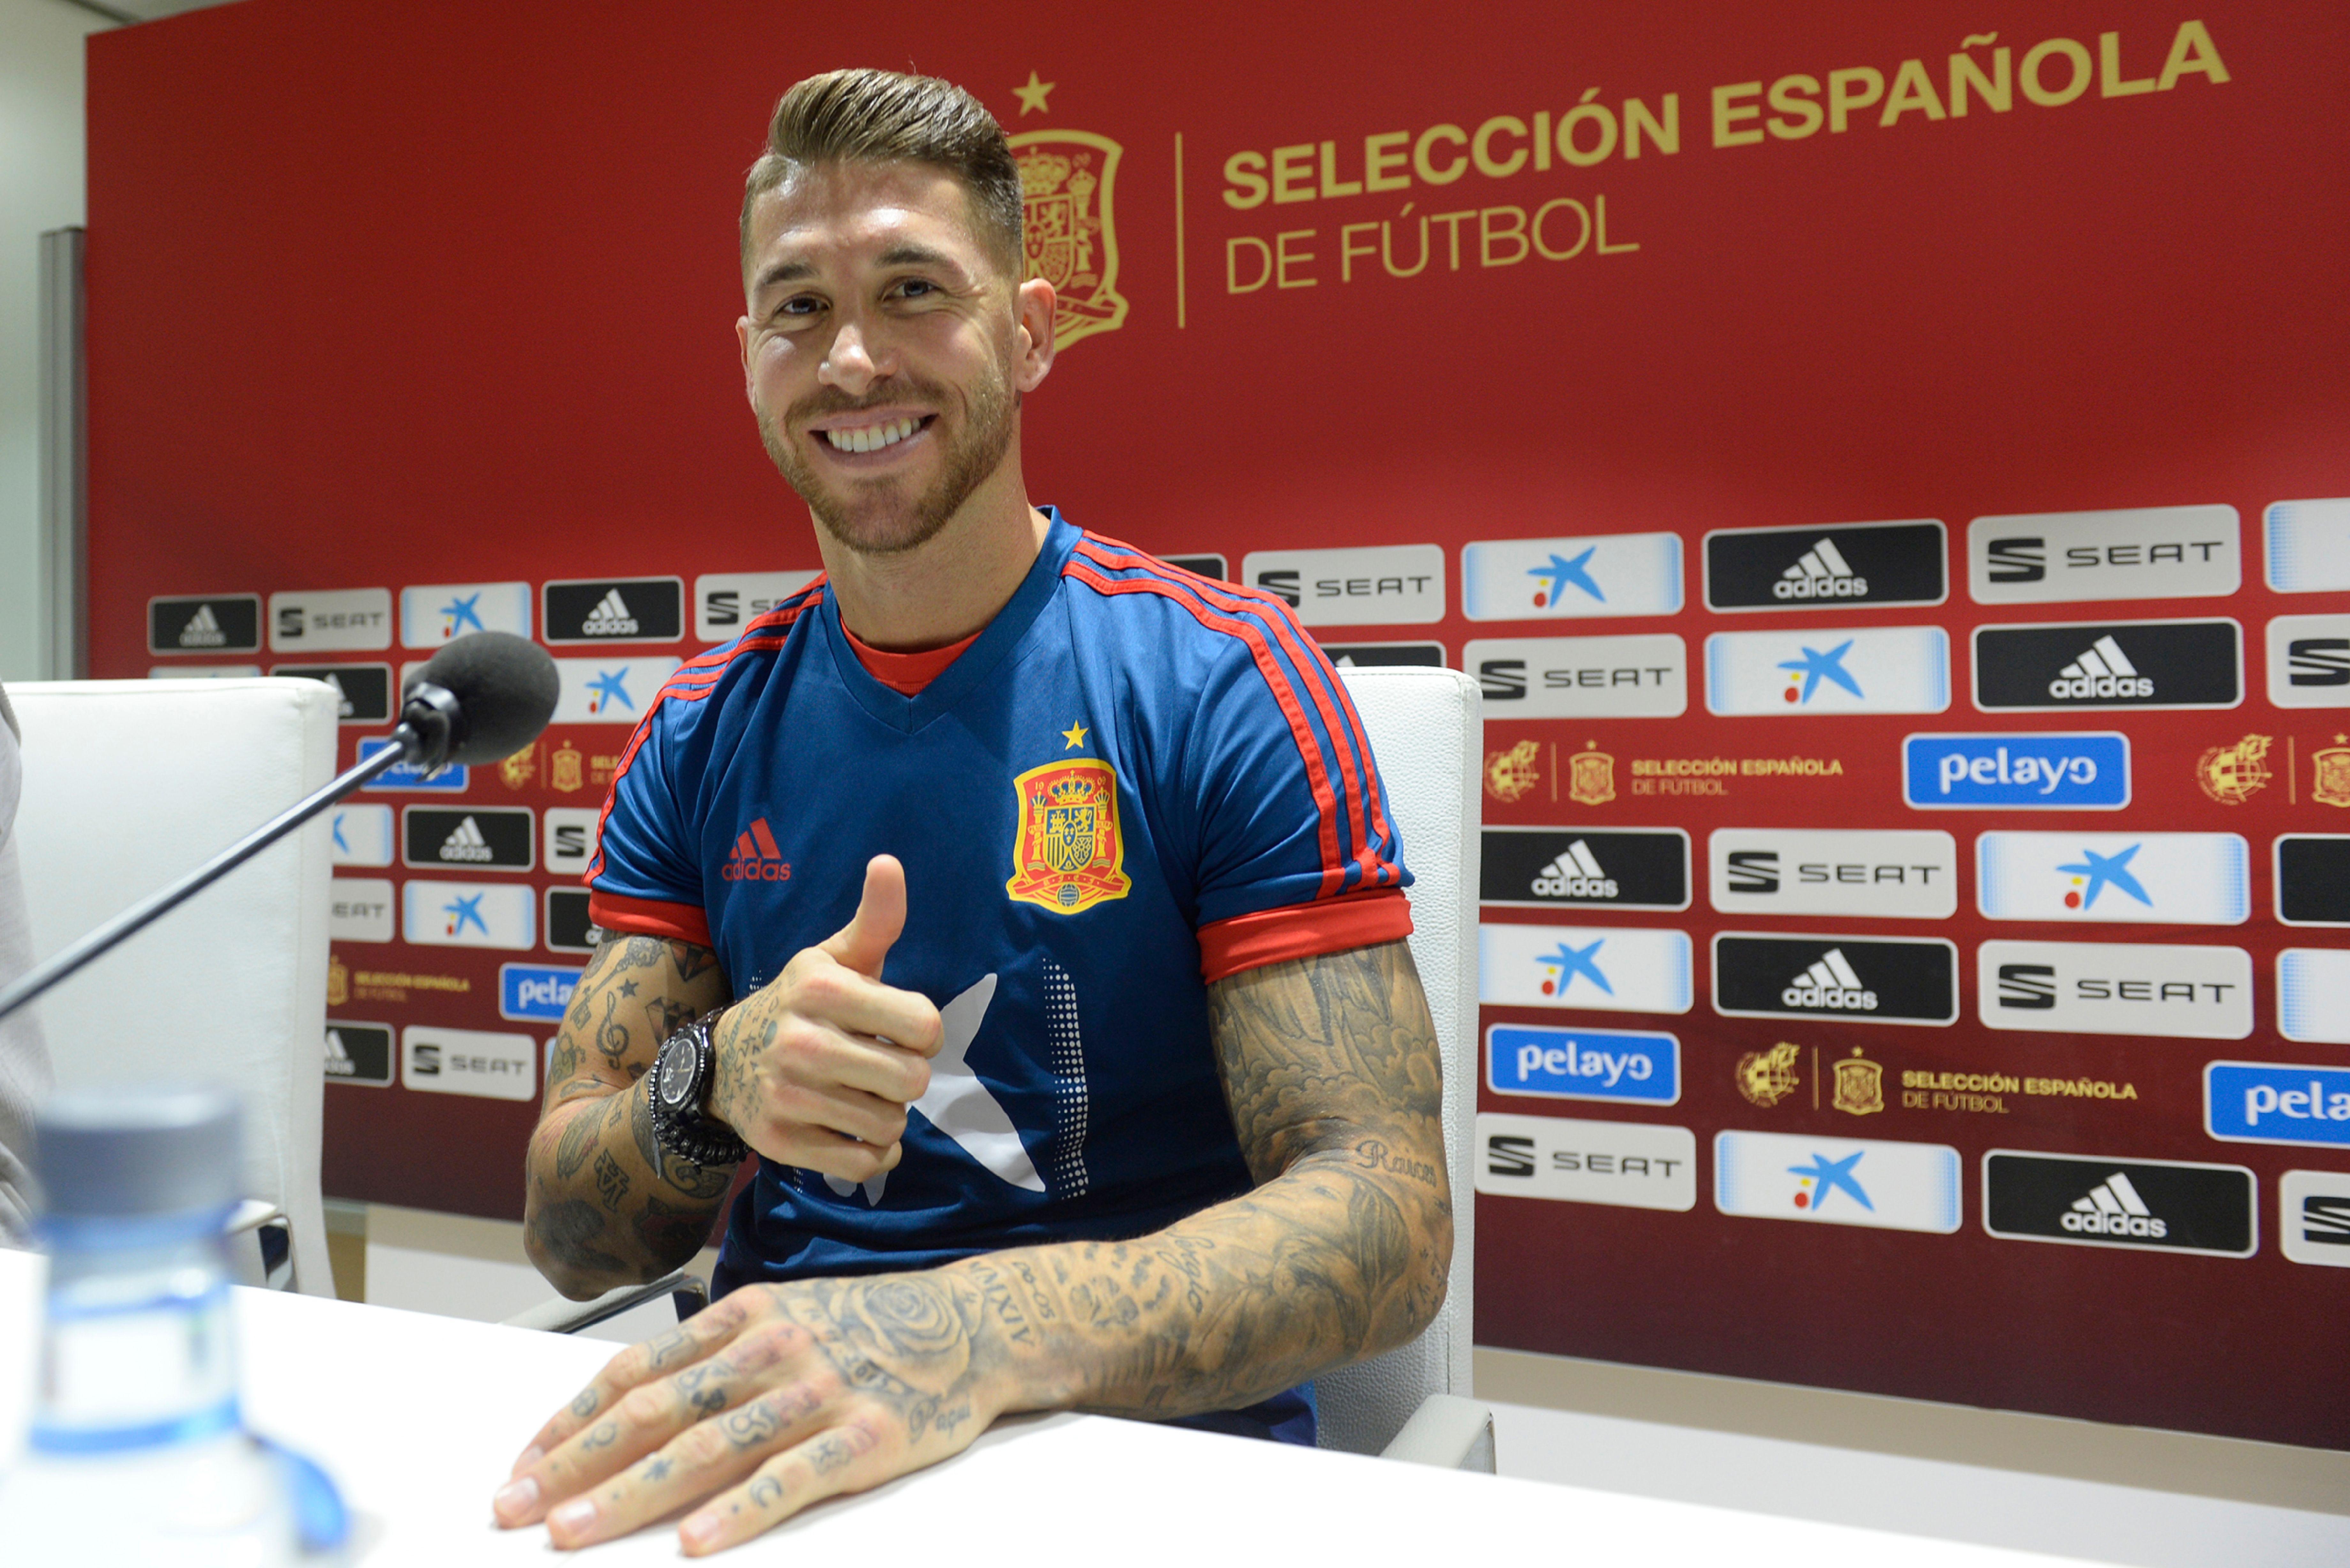 Ramos n'a pas marché sur Sterling — Espagne